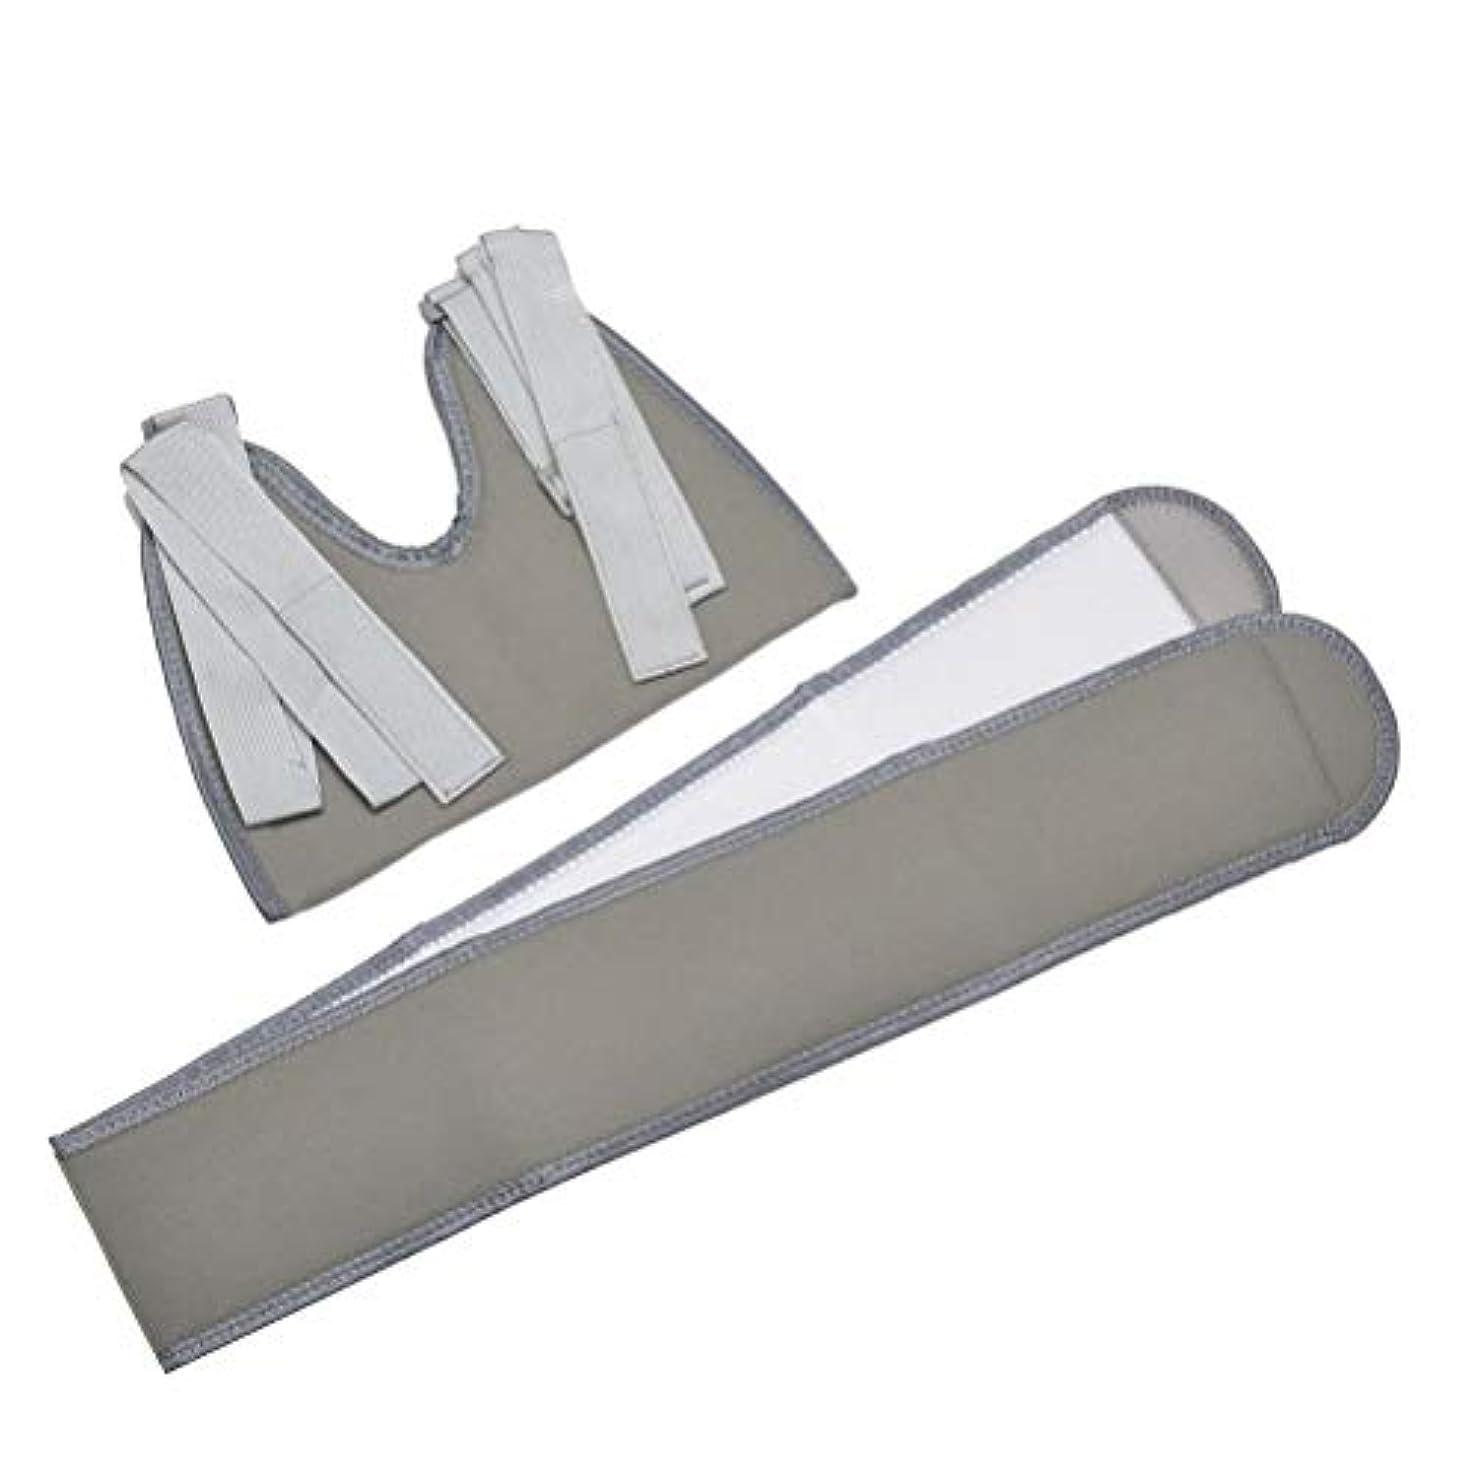 兵器庫白菜ロープHealifty アームスリング調整式エルボーサポートブレース